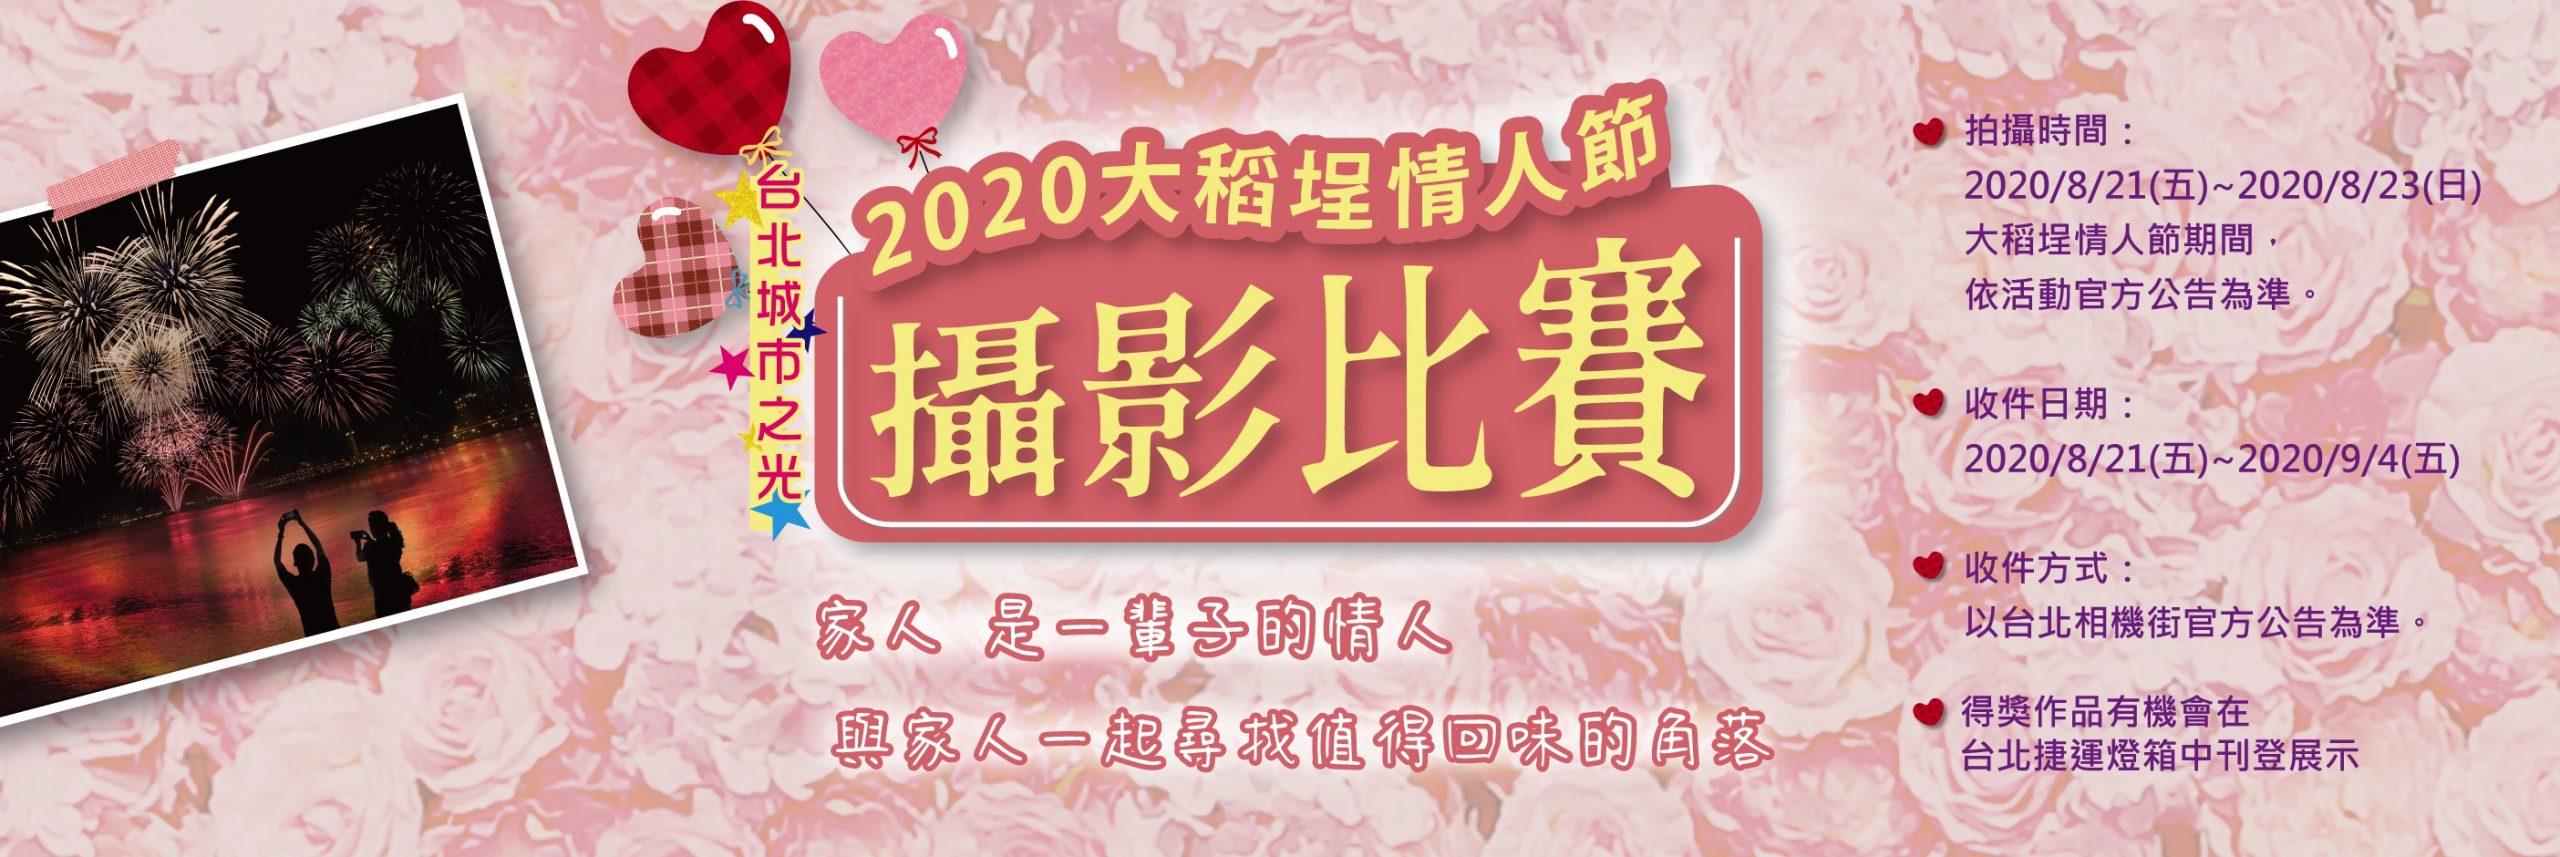 2020大稻埕-官網封面-v1-scaled